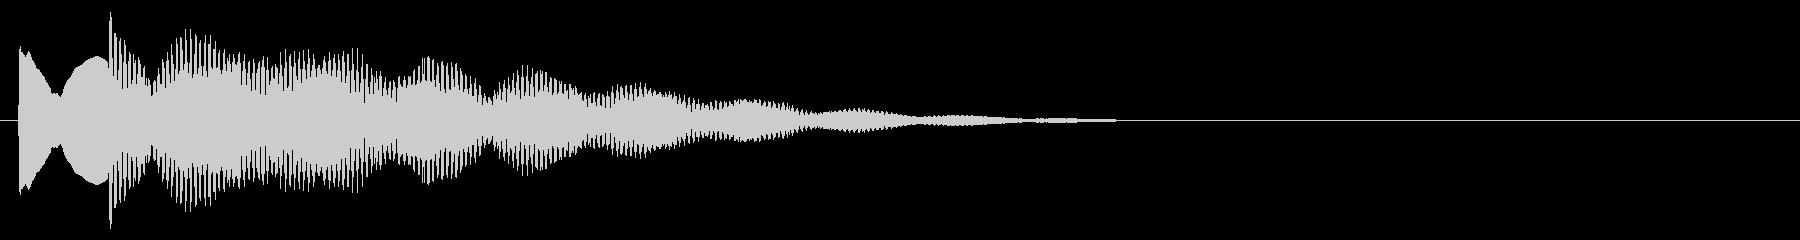 マレット系 決定音06(小)の未再生の波形